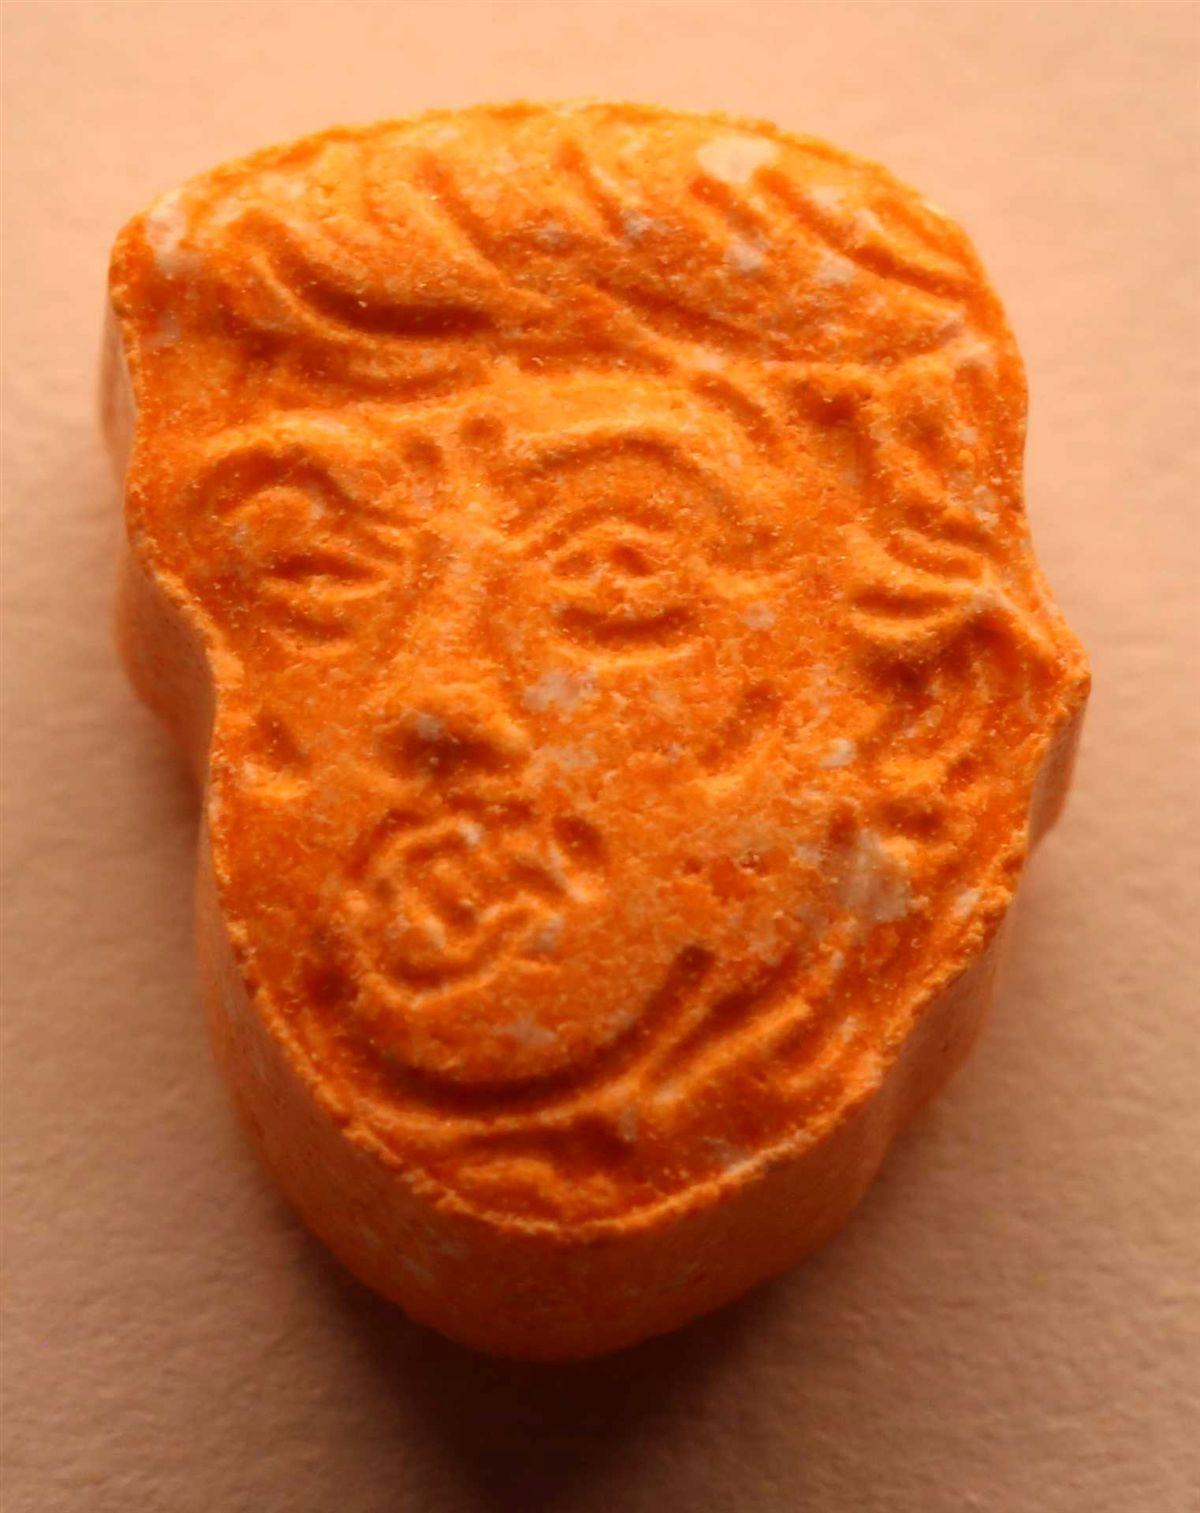 Cara de Trump em comprimidos de ecstasy apreendidos na Alemanha Ng8750425